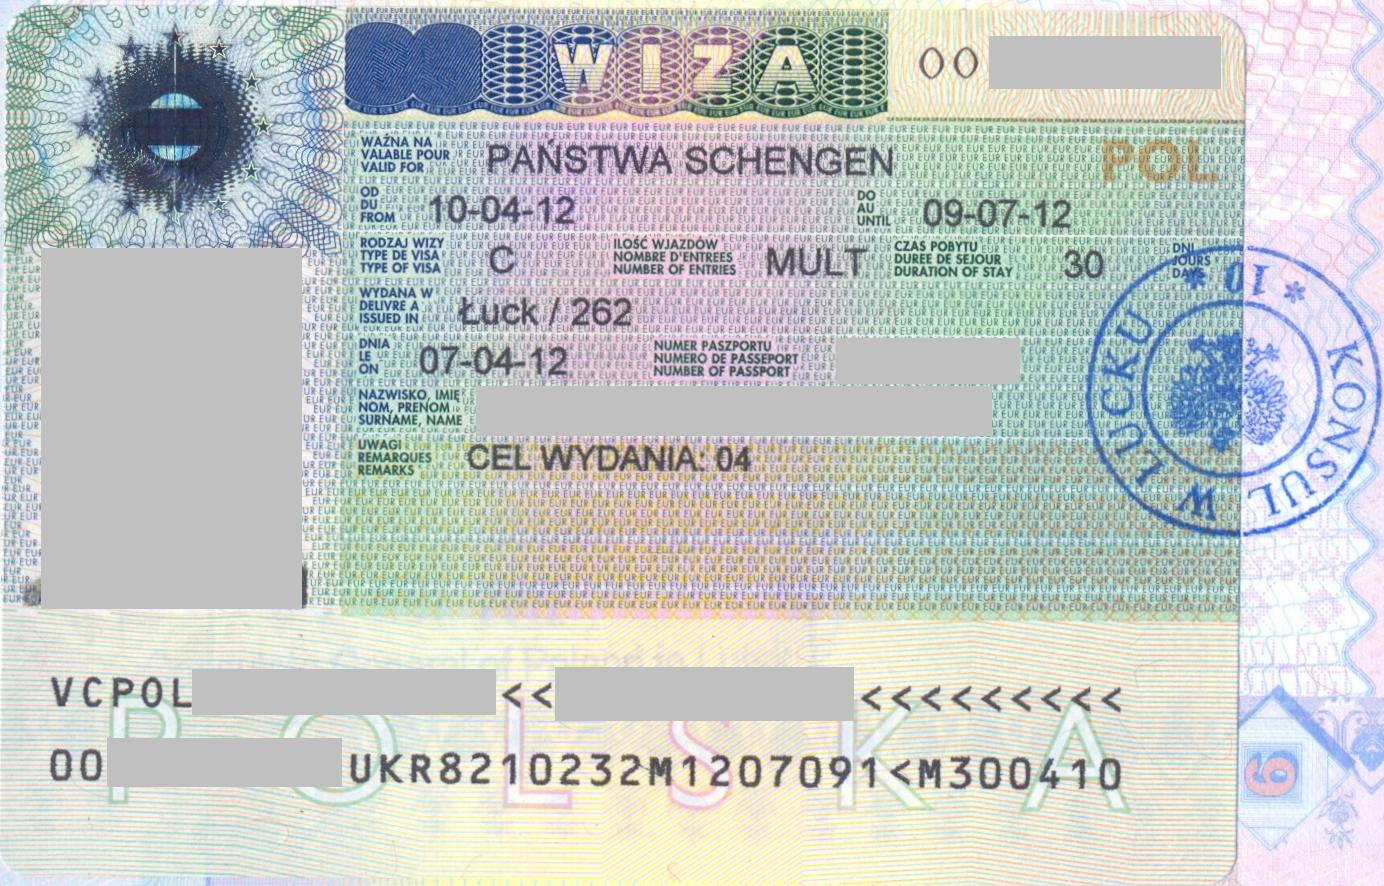 Бизнес Шенген в Польшу C04 для украинцев